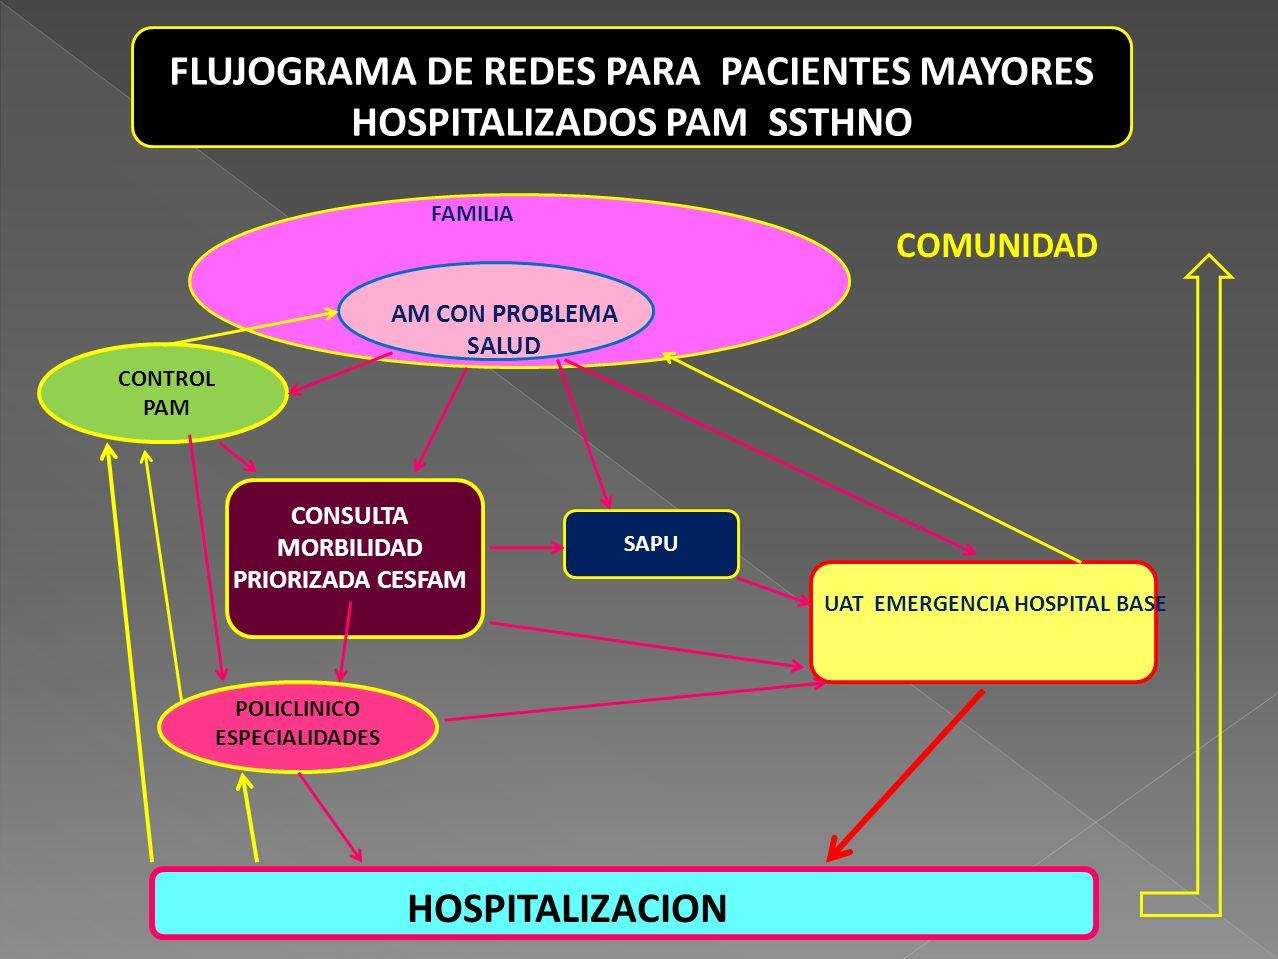 FLUJOGRAMA DE REDES PARA PACIENTES MAYORES HOSPITALIZADOS PAM SSTHNO FAMILIA AM CON PROBLEMA SALUD SAPU CONSULTA MORBILIDAD PRIORIZADA CESFAM UAT EMER